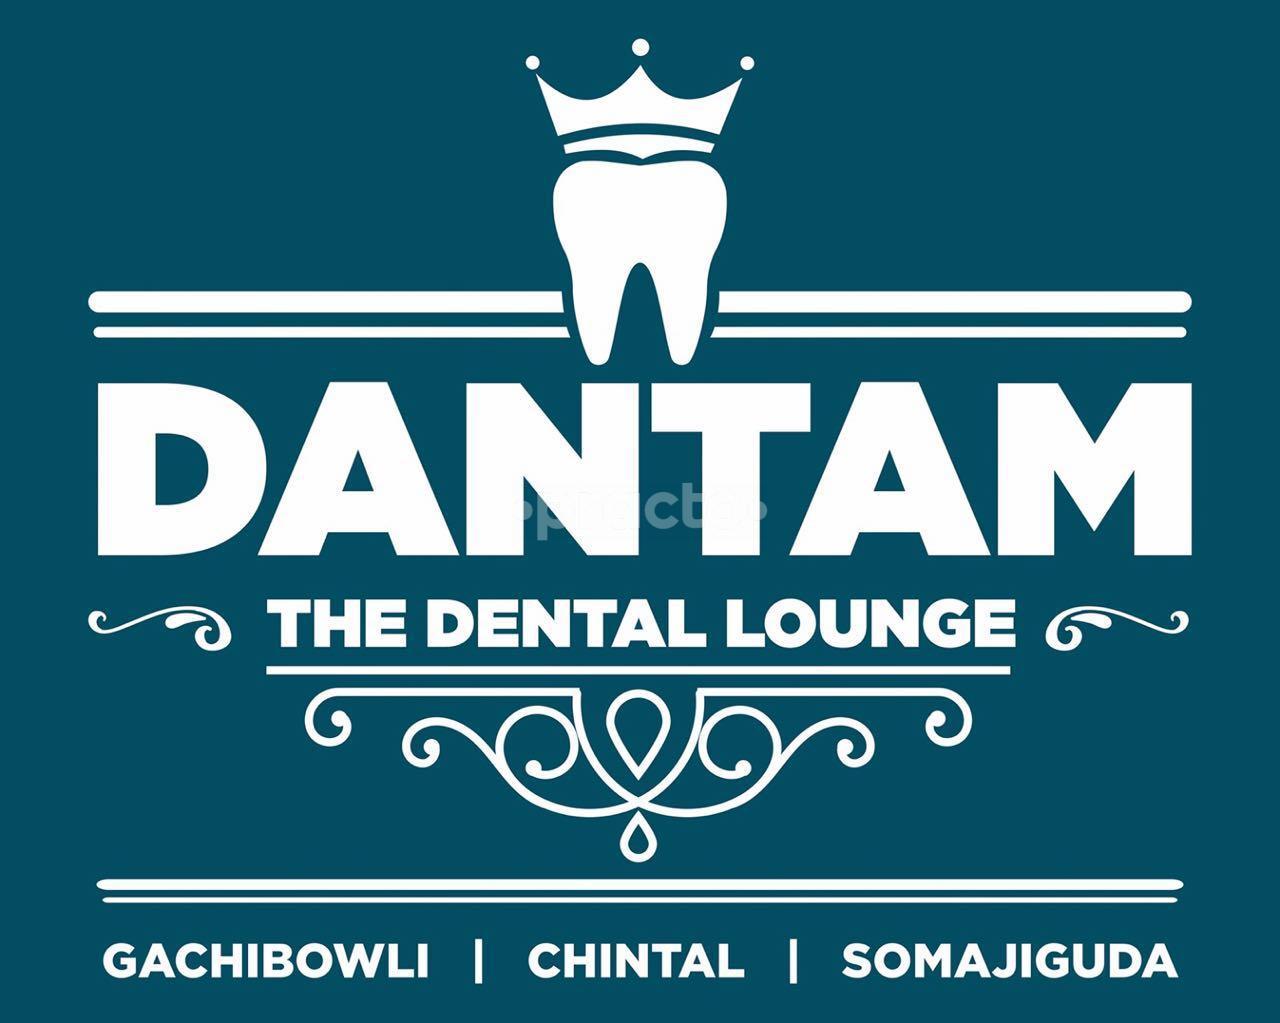 Harsha Dental - Dantam